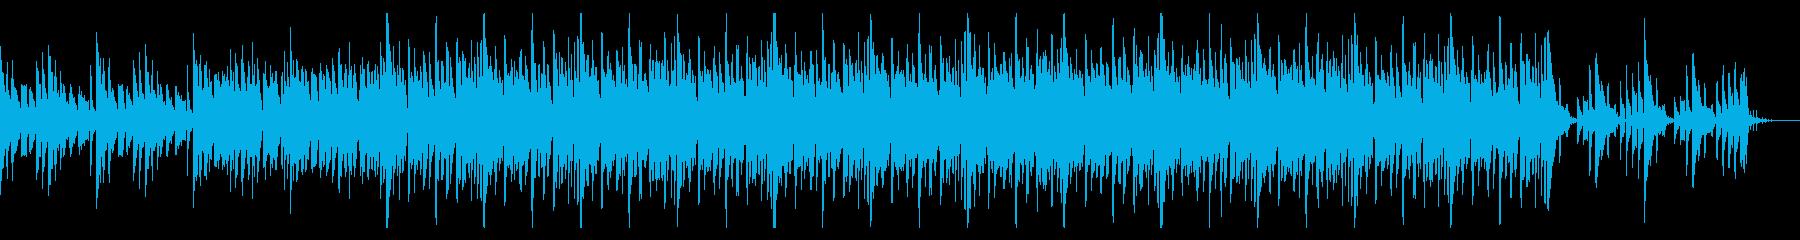 薄暗くノイジーなトリップホップの再生済みの波形